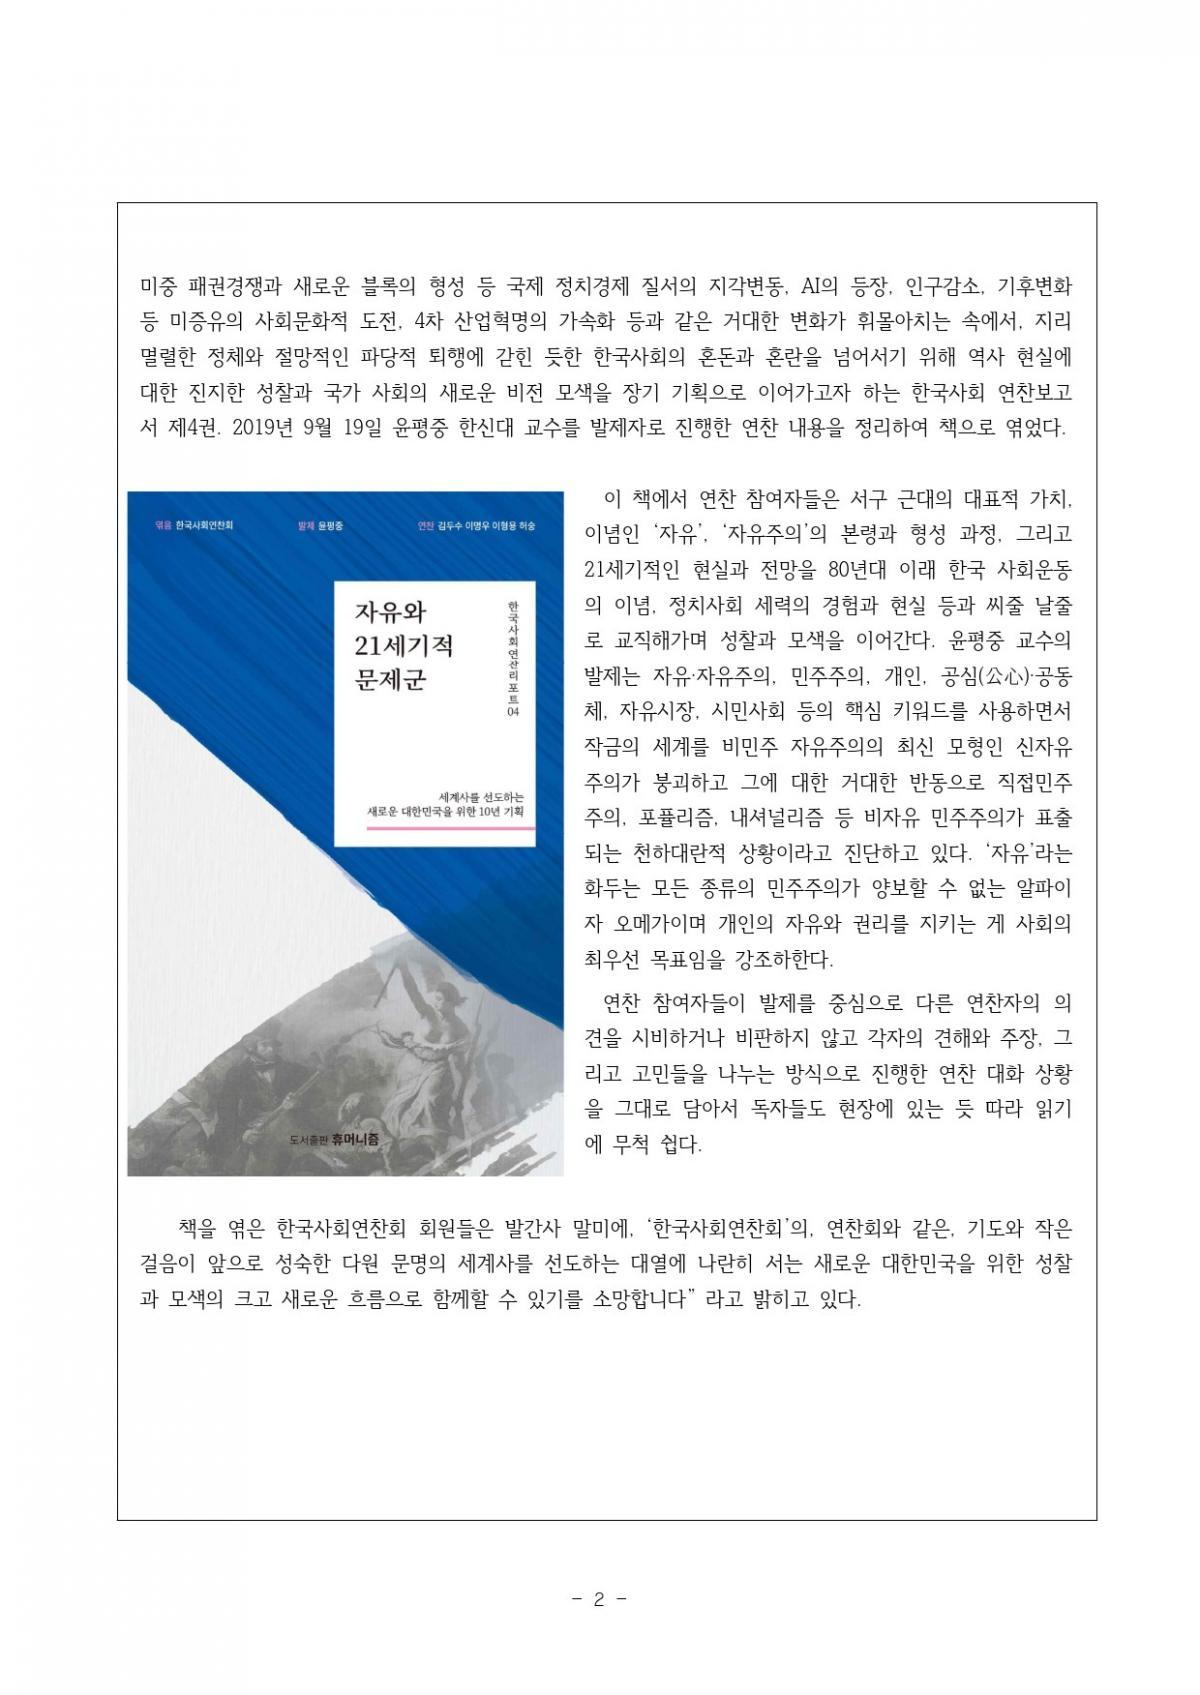 자유200212-2-1.jpg